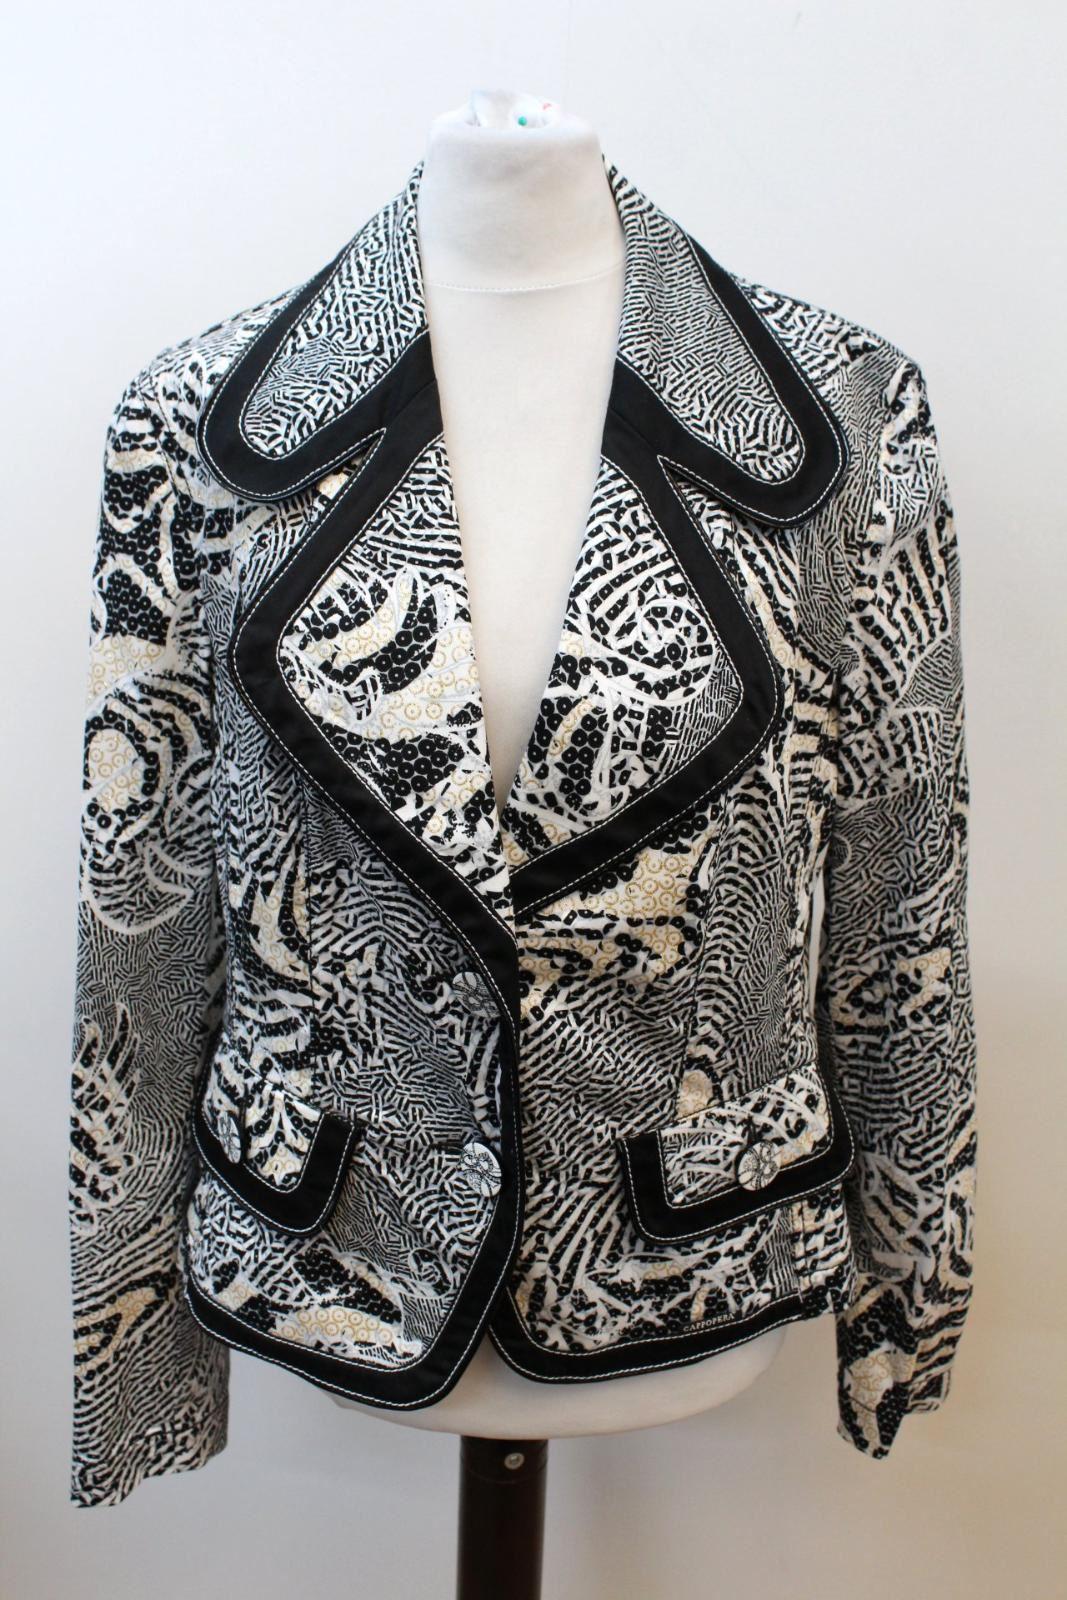 Jeans Imprimé Blanc Blanc It48 Uk16 Veste Cappopera Coton De Blazer À Mélange En Animal Sxpwfg